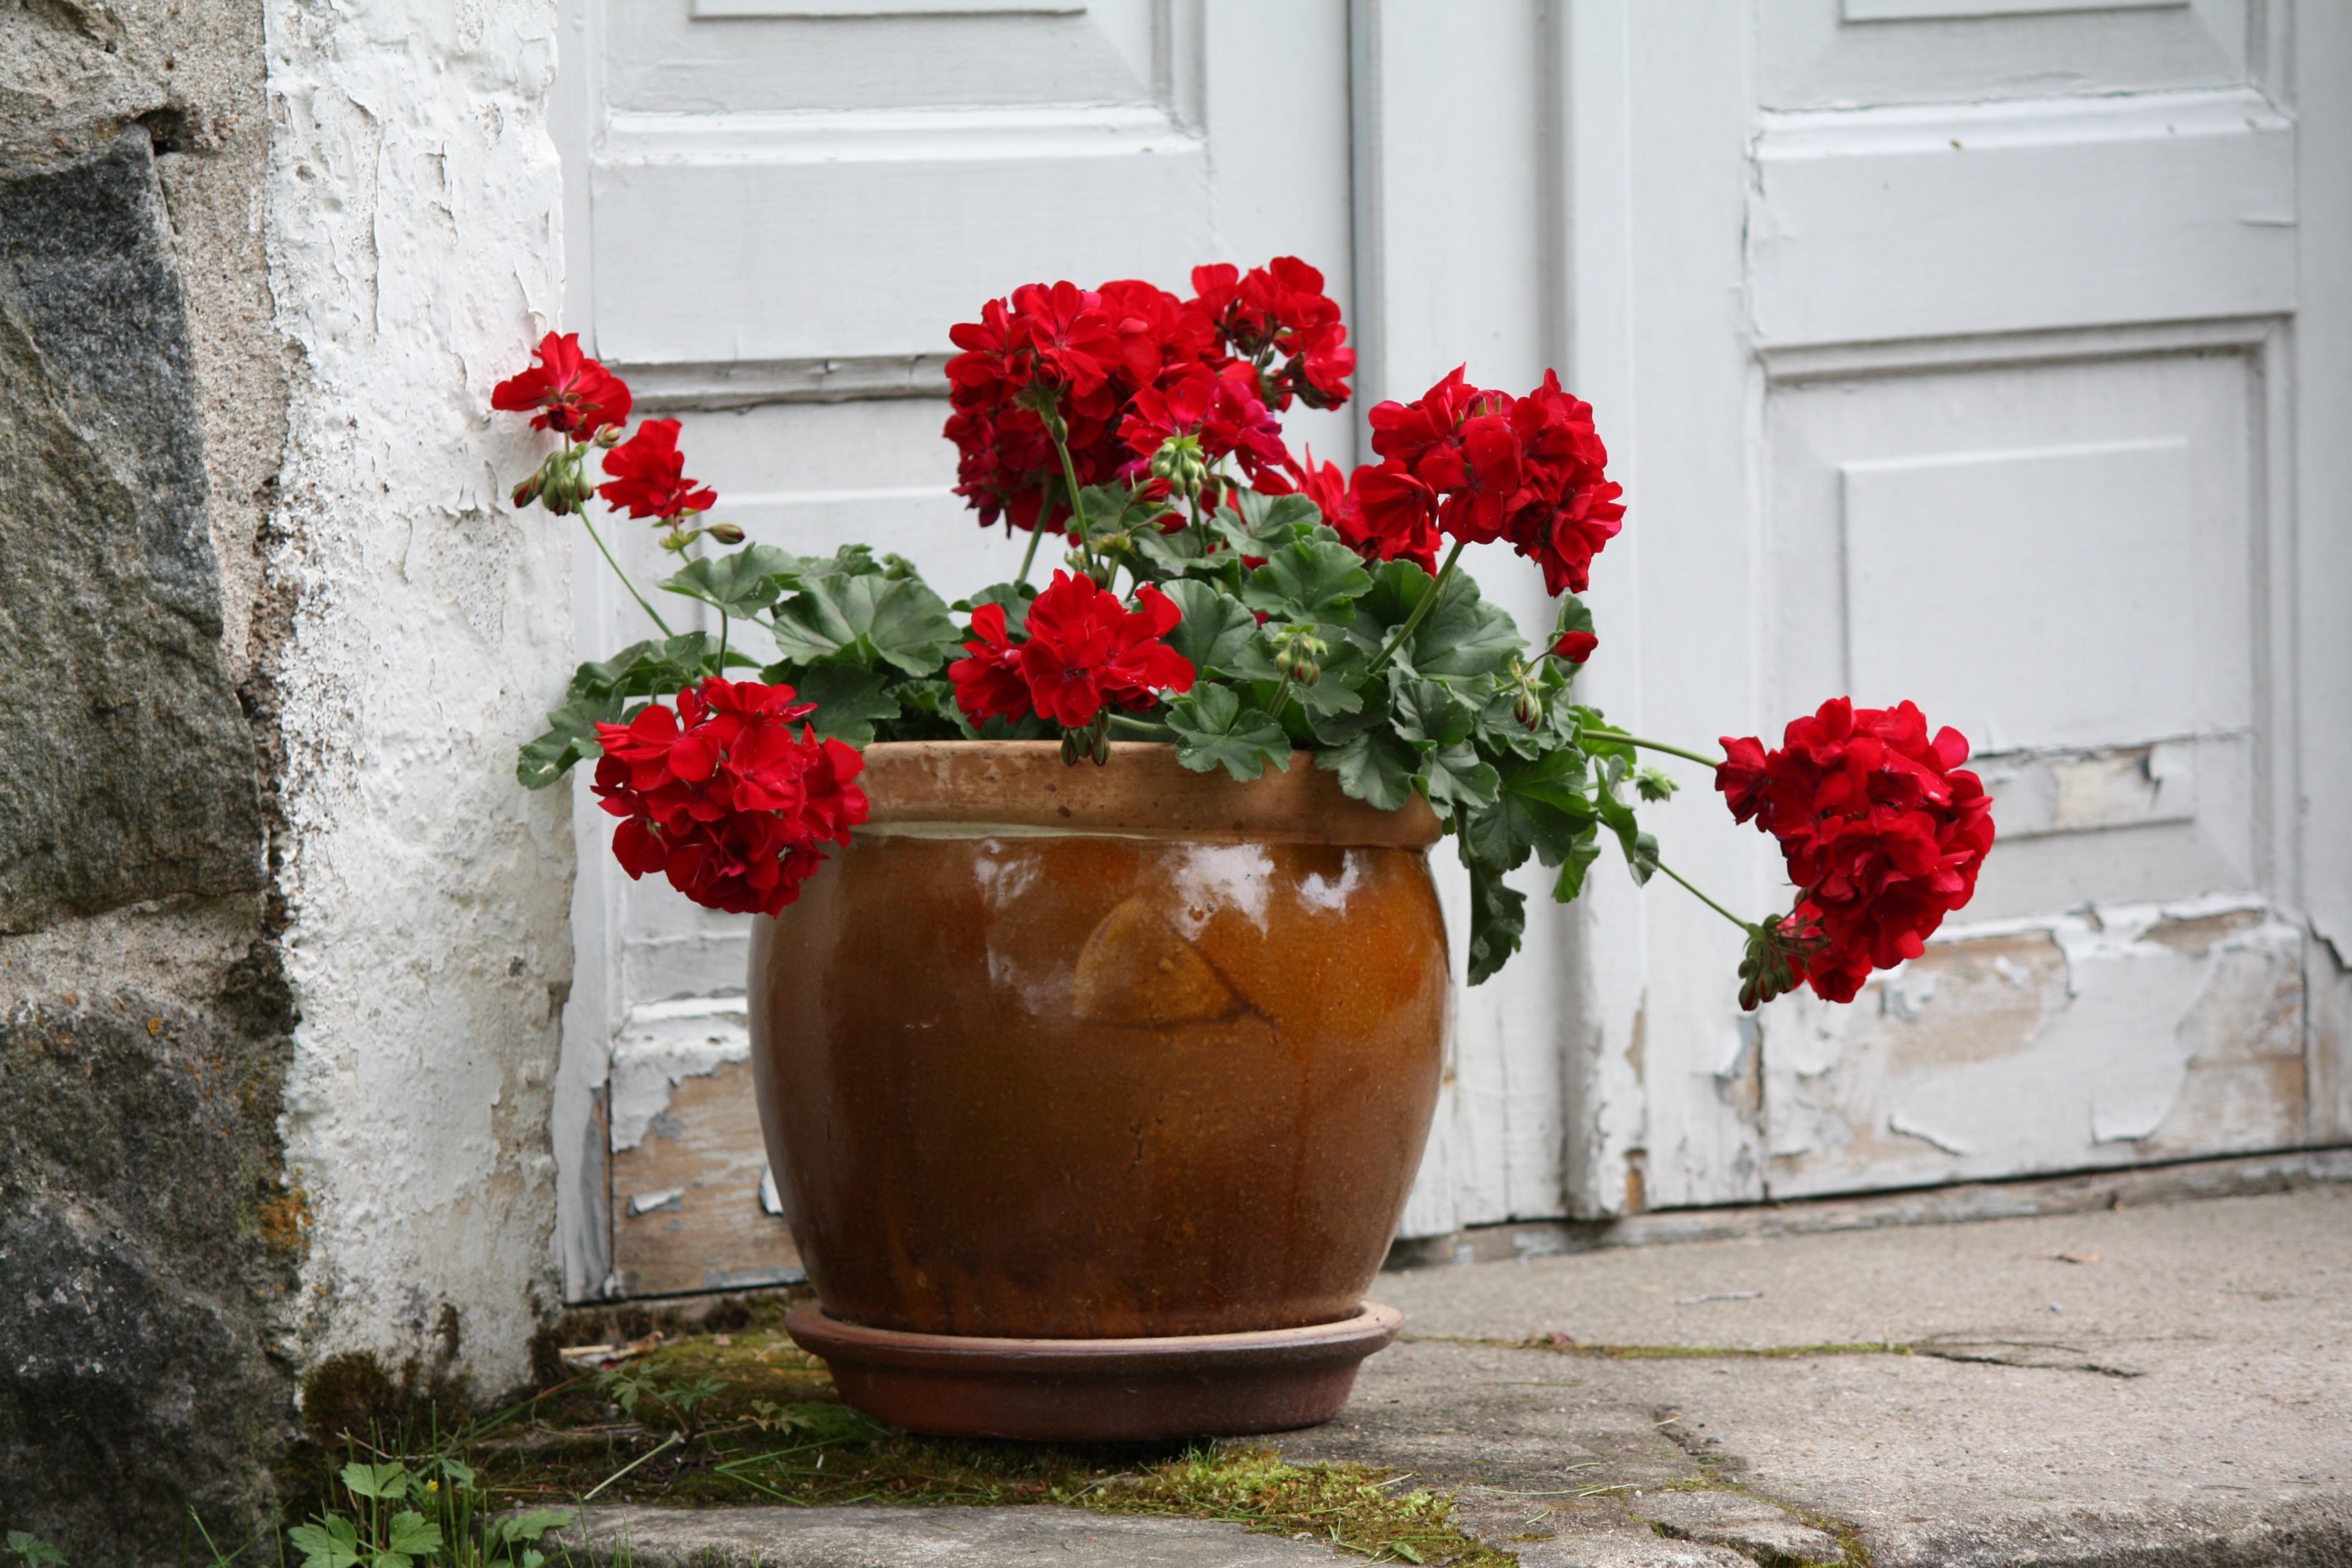 Kostenlose foto Blume Pot Stein Treppe Sommer Blumen